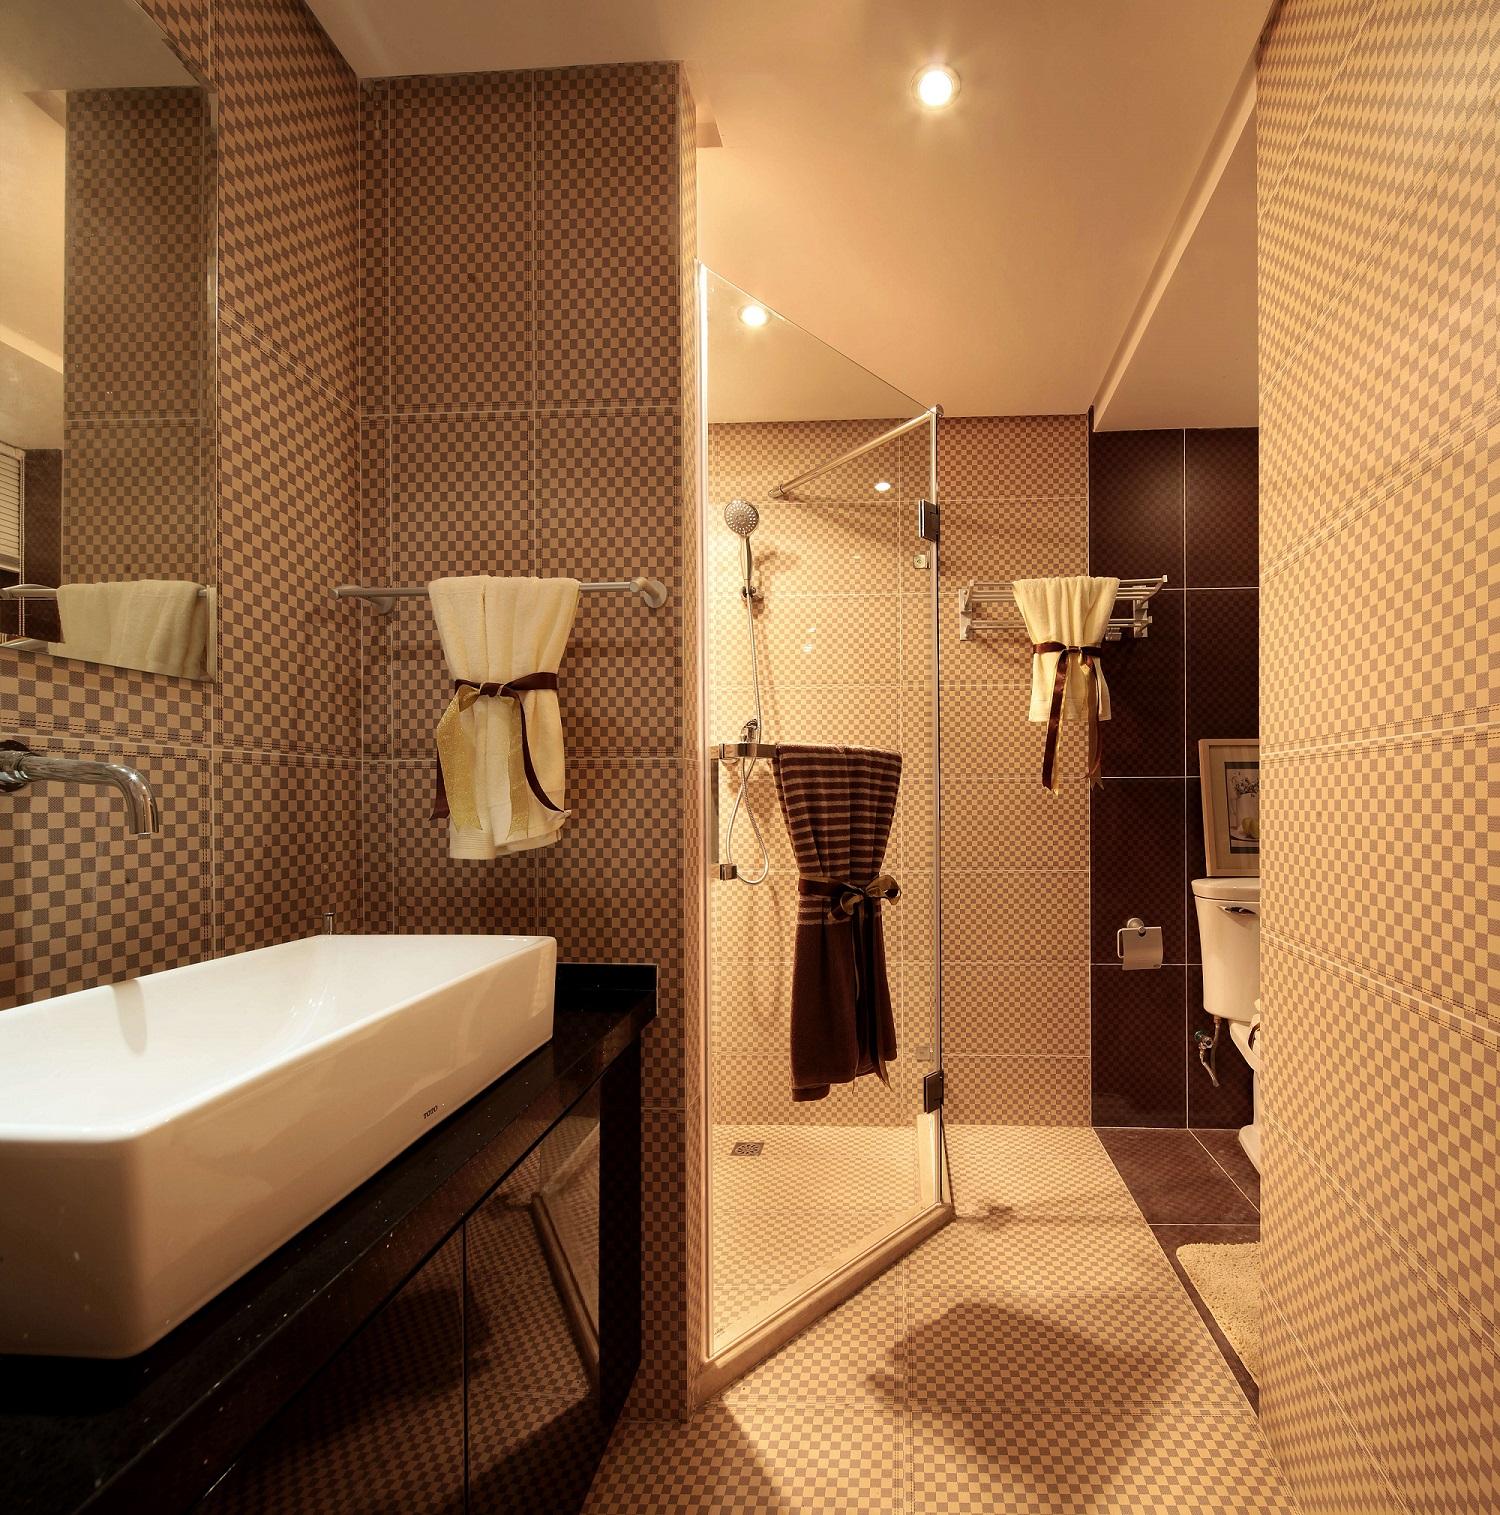 卫生间相对较大,干湿分离设计整洁时尚,马赛克瓷砖让整个空间更有层次感。